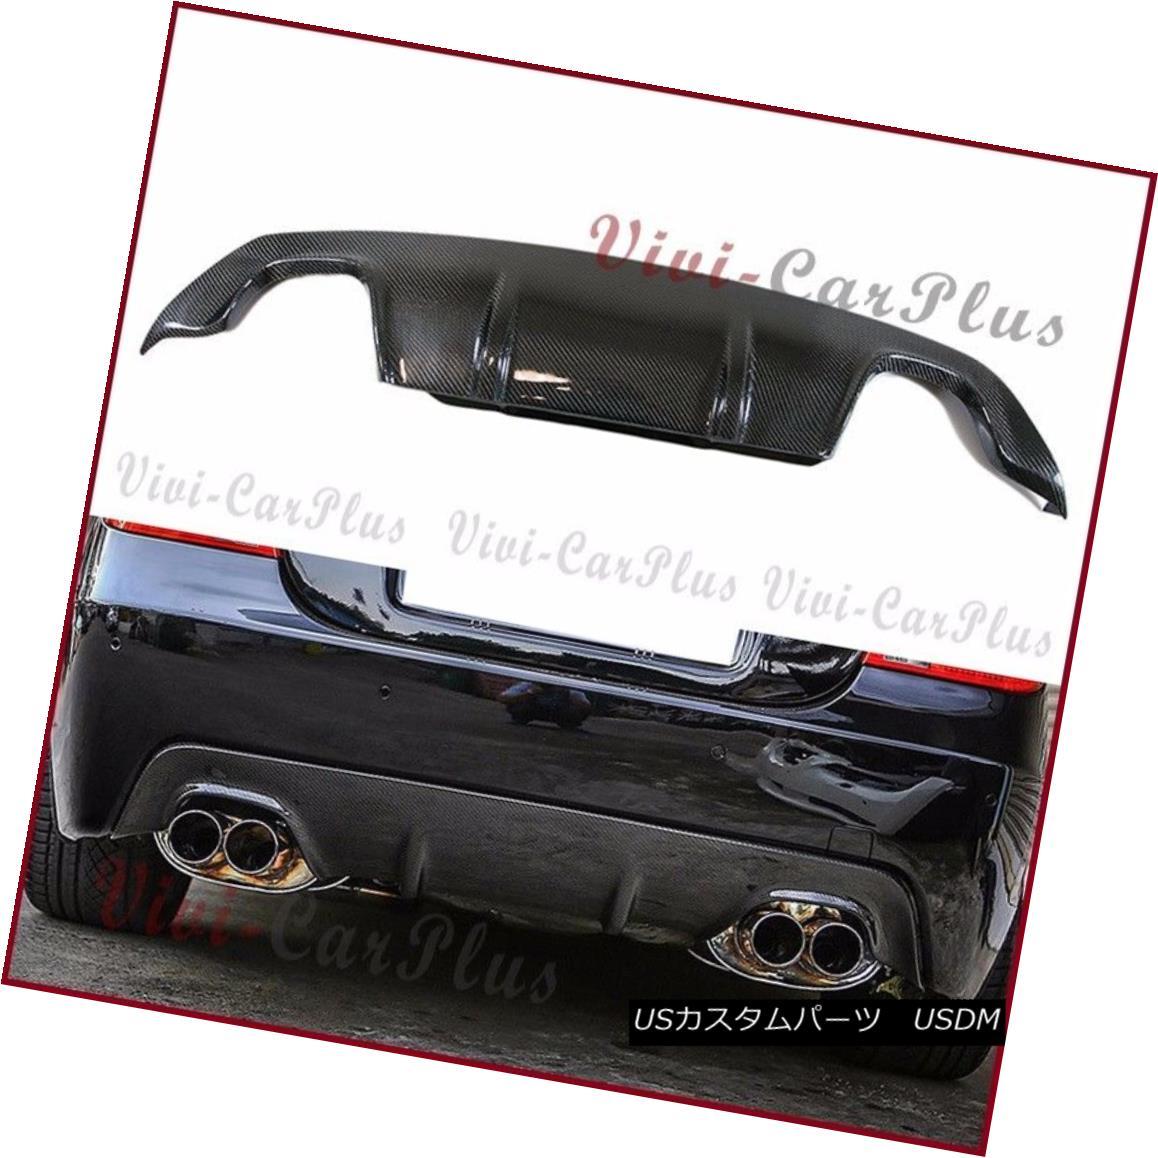 エアロパーツ Carbon Fiber 3D Type Quad Pipes Rear Diffuser BMW 04-10 E60 E61 OE M Tech Bumper カーボンファイバー3DタイプクワッドパイプリアディフューザーBMW 04-10 E60 E61 OE Mテックバンパー